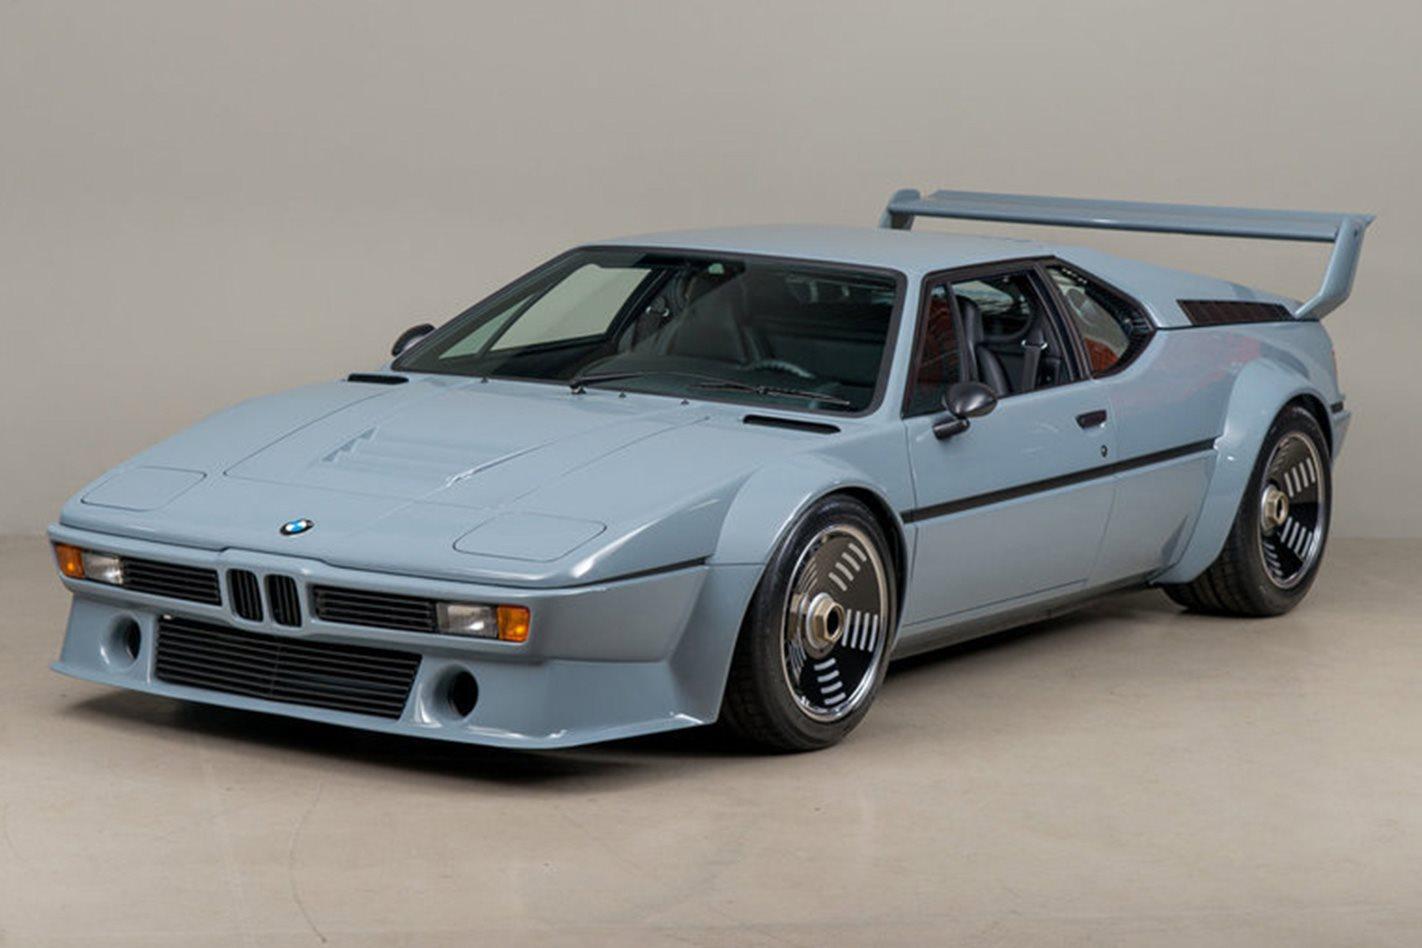 1979 BMW M1 Procar front